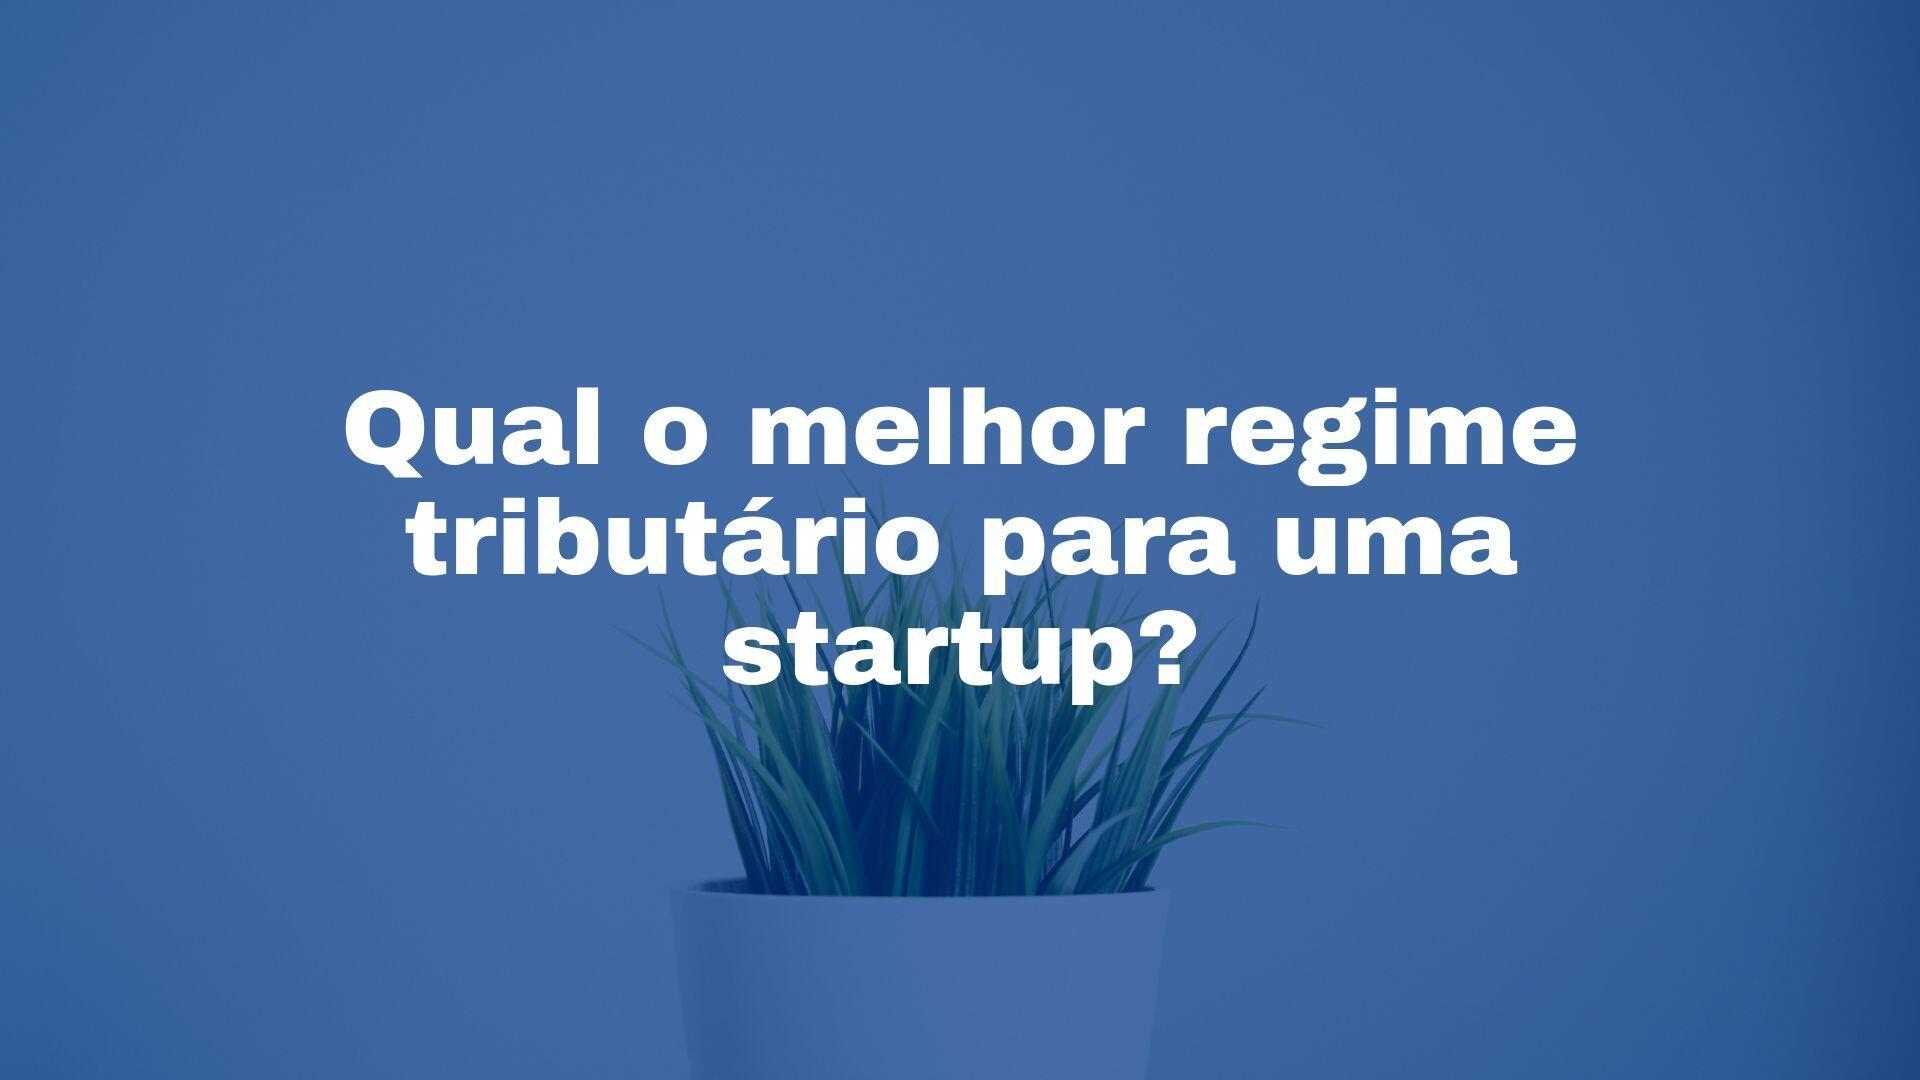 serviços contábeis startup - melhor regime tributário startup